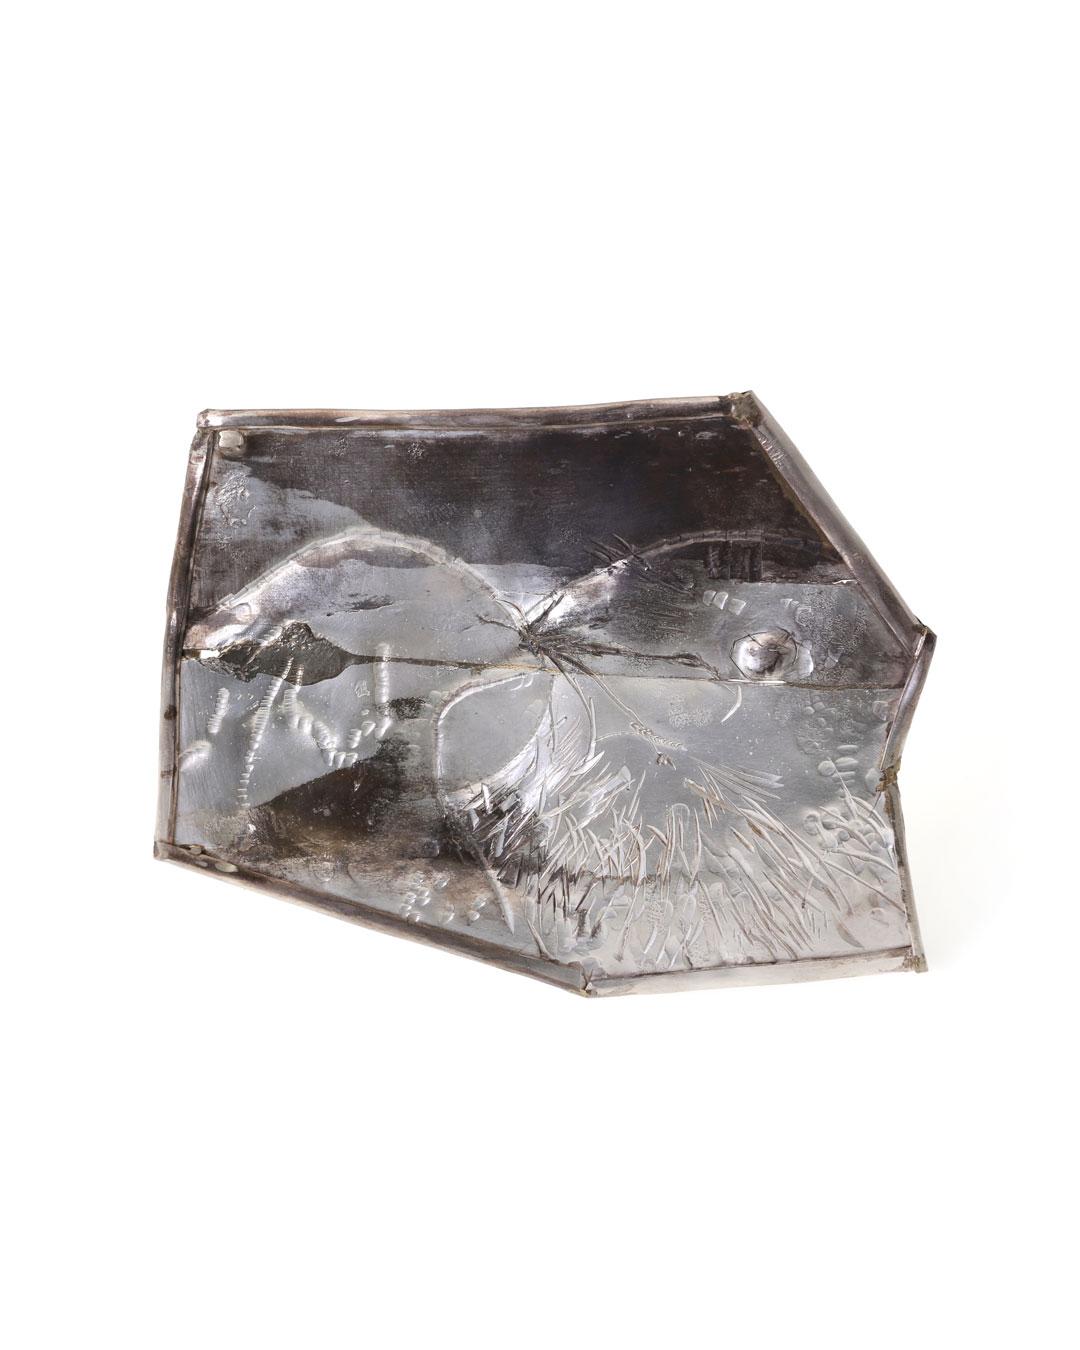 Rudolf Kocéa, Two Jackdaws (Twee Kauwtjes), 2017, broche; zilver, koper, 140 x 110 x 8 mm, €3000